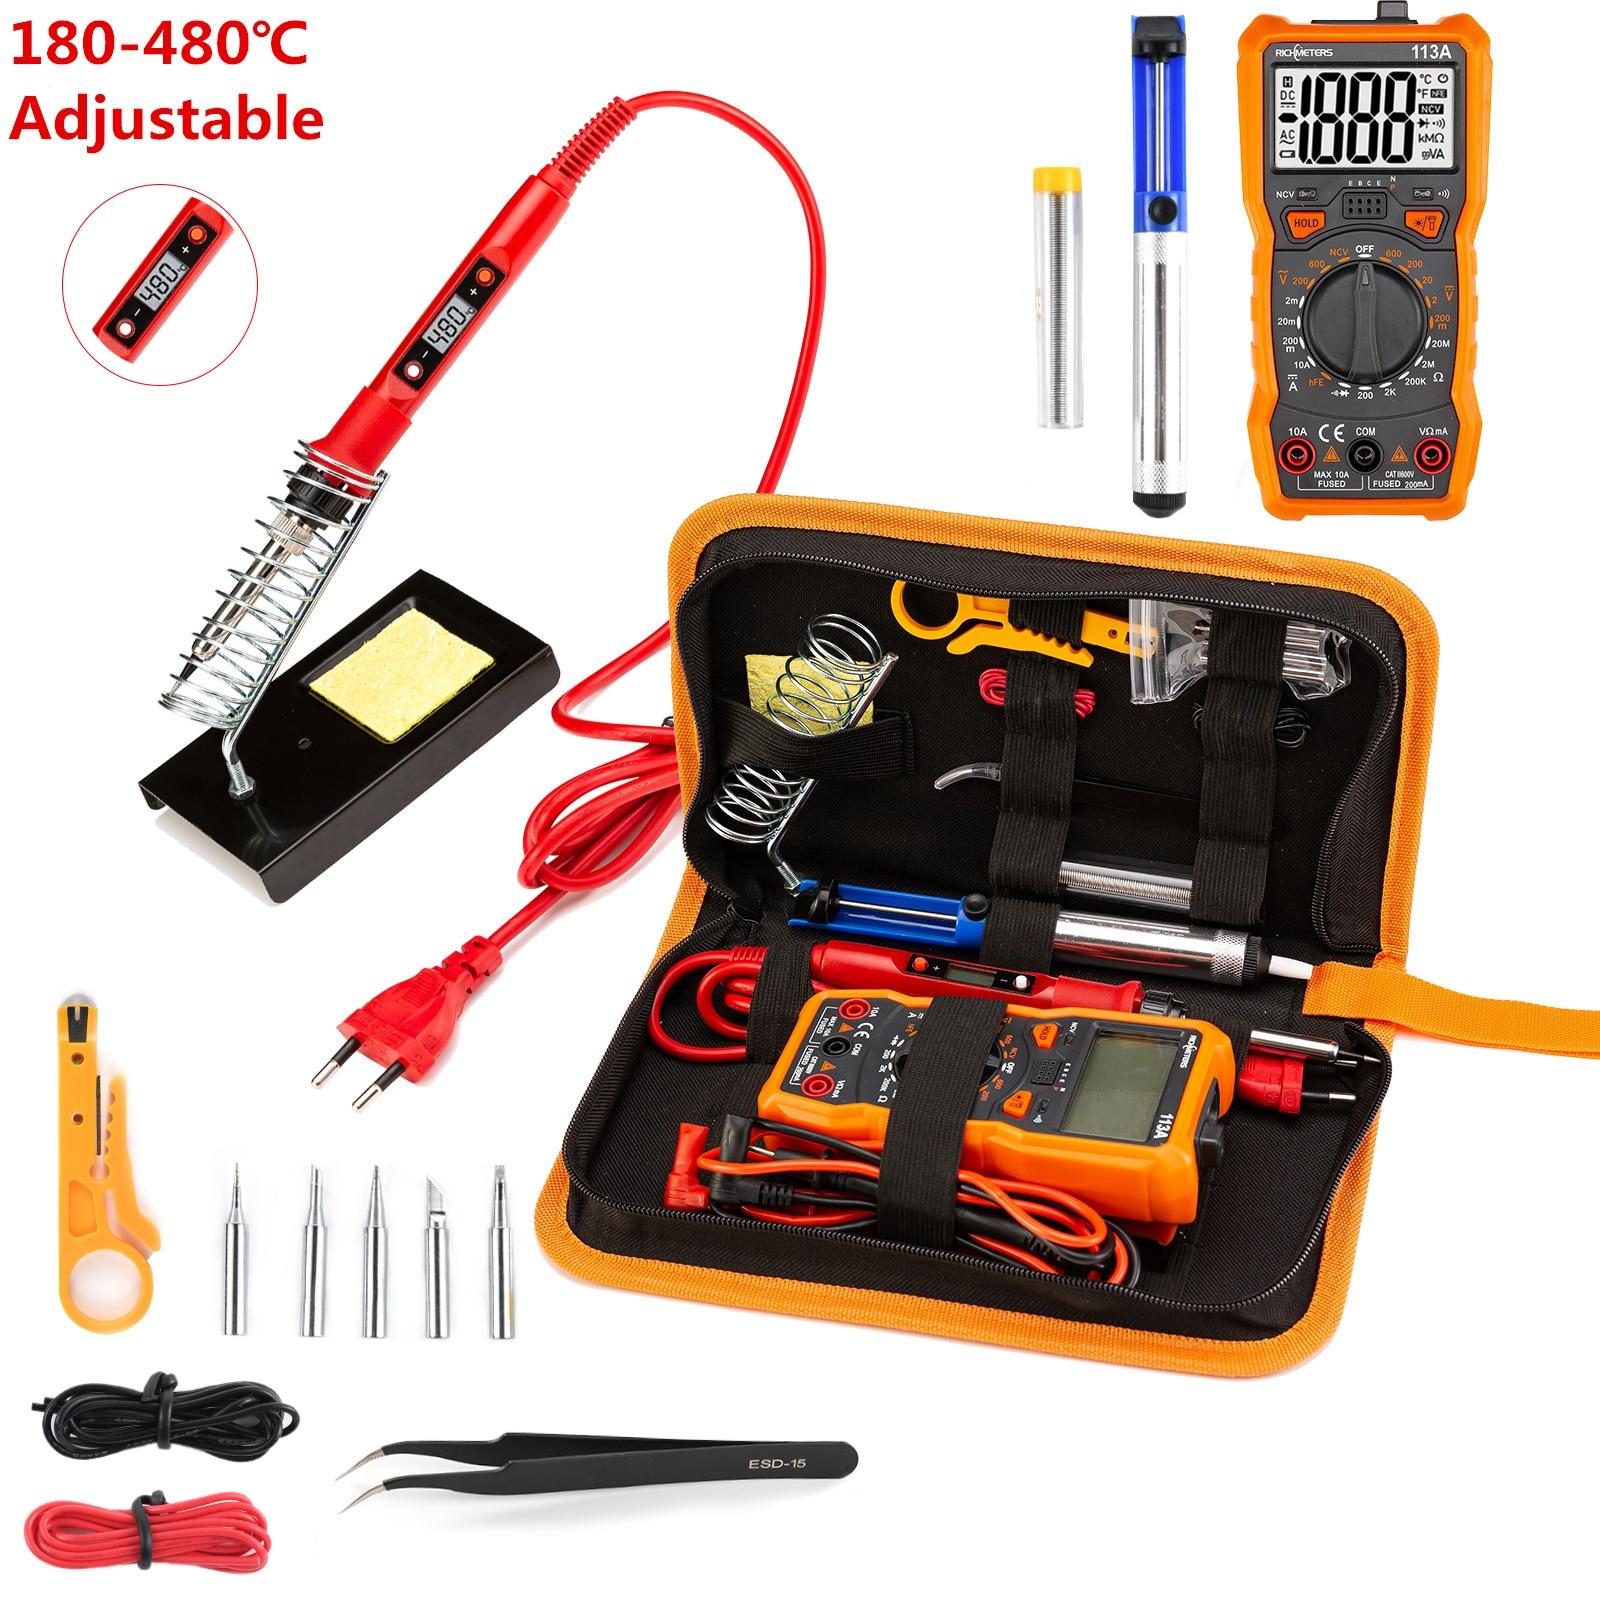 new2021-de-soldadura-de-hierro-con-digital-kit-de-multimetros-temperatura-ajustable-auto-de-ac-dc-de-multimetro-herramienta-de-soldadura-kits